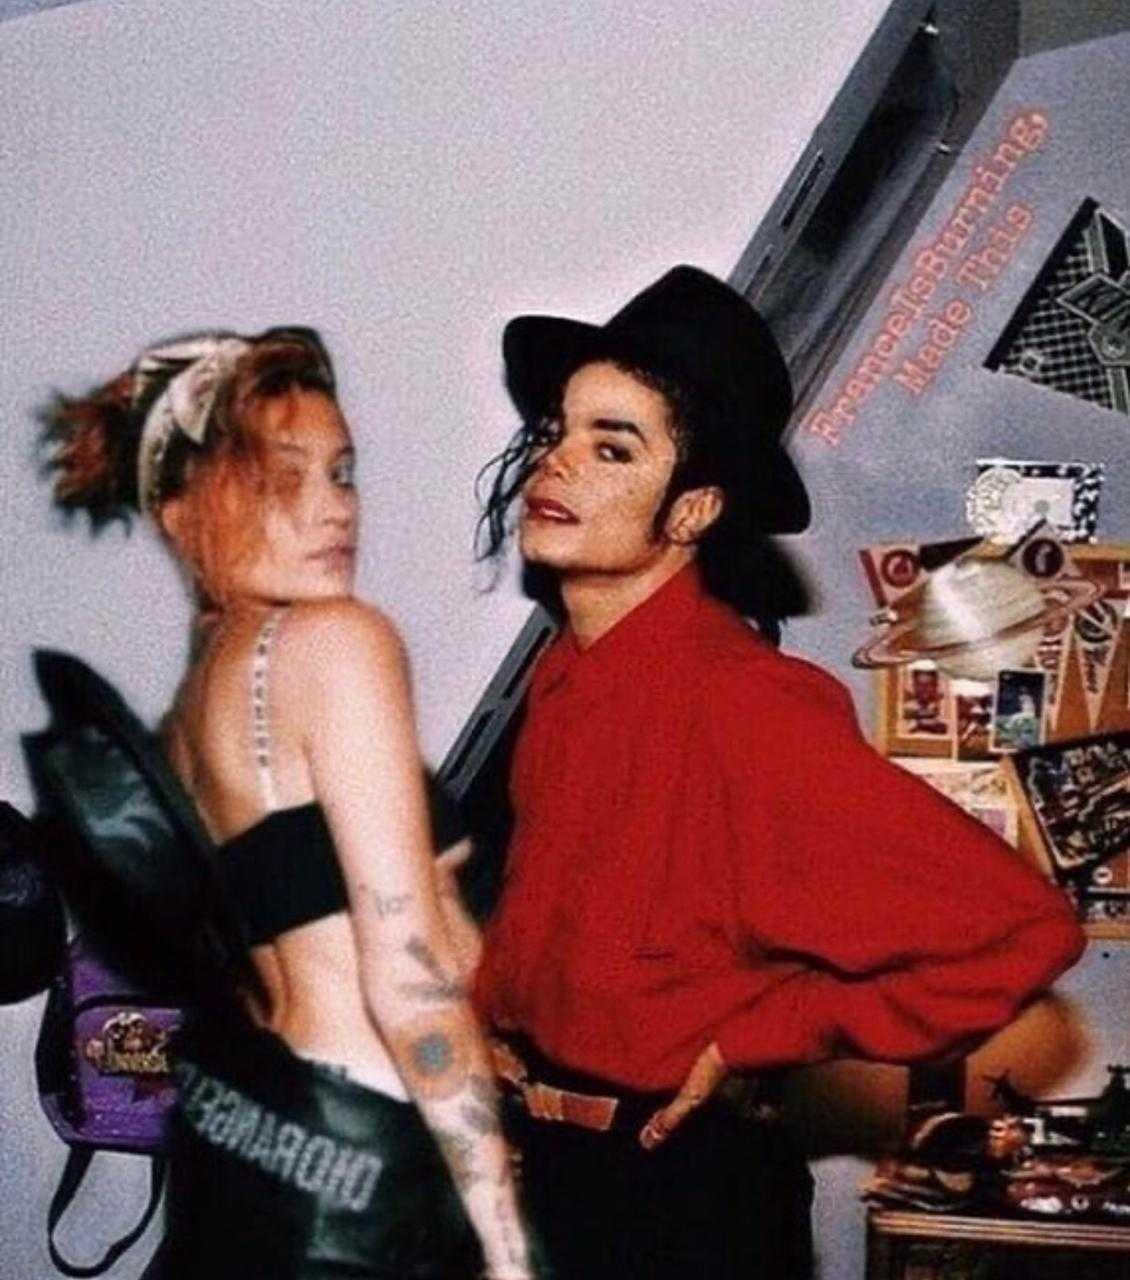 Paris Jackson relevou que Michael Jackson criou os filhos com os pés no chão: